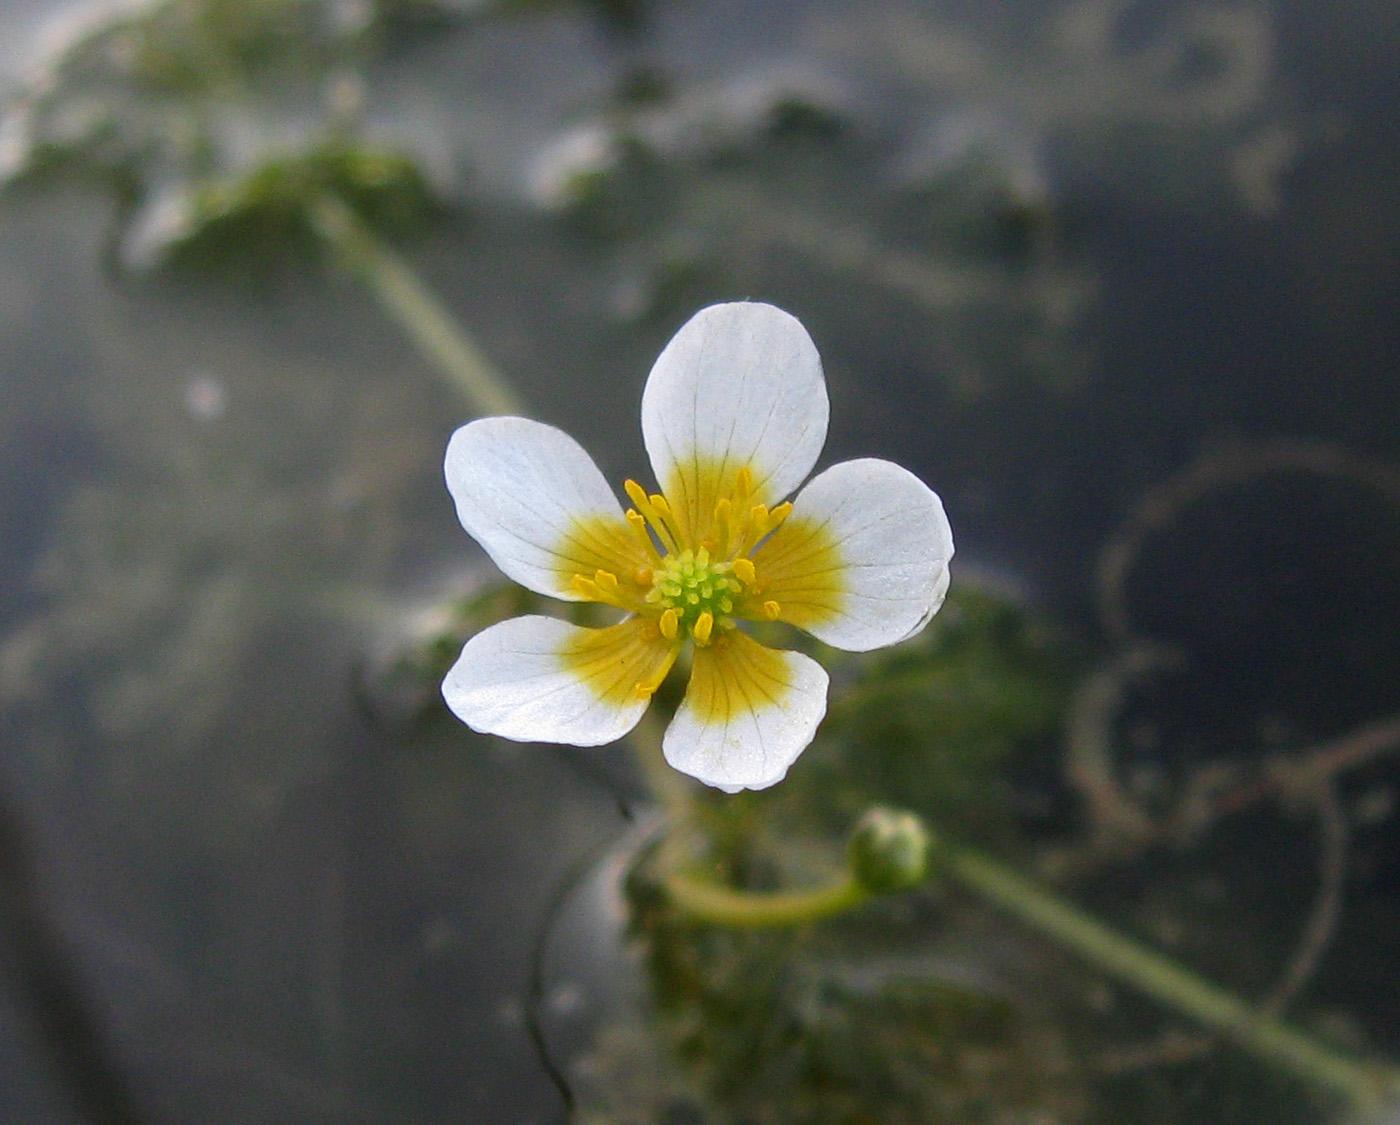 Шелковник жестколистный (Ranunculus circinatus). Автор фото: Олег Селиверстов